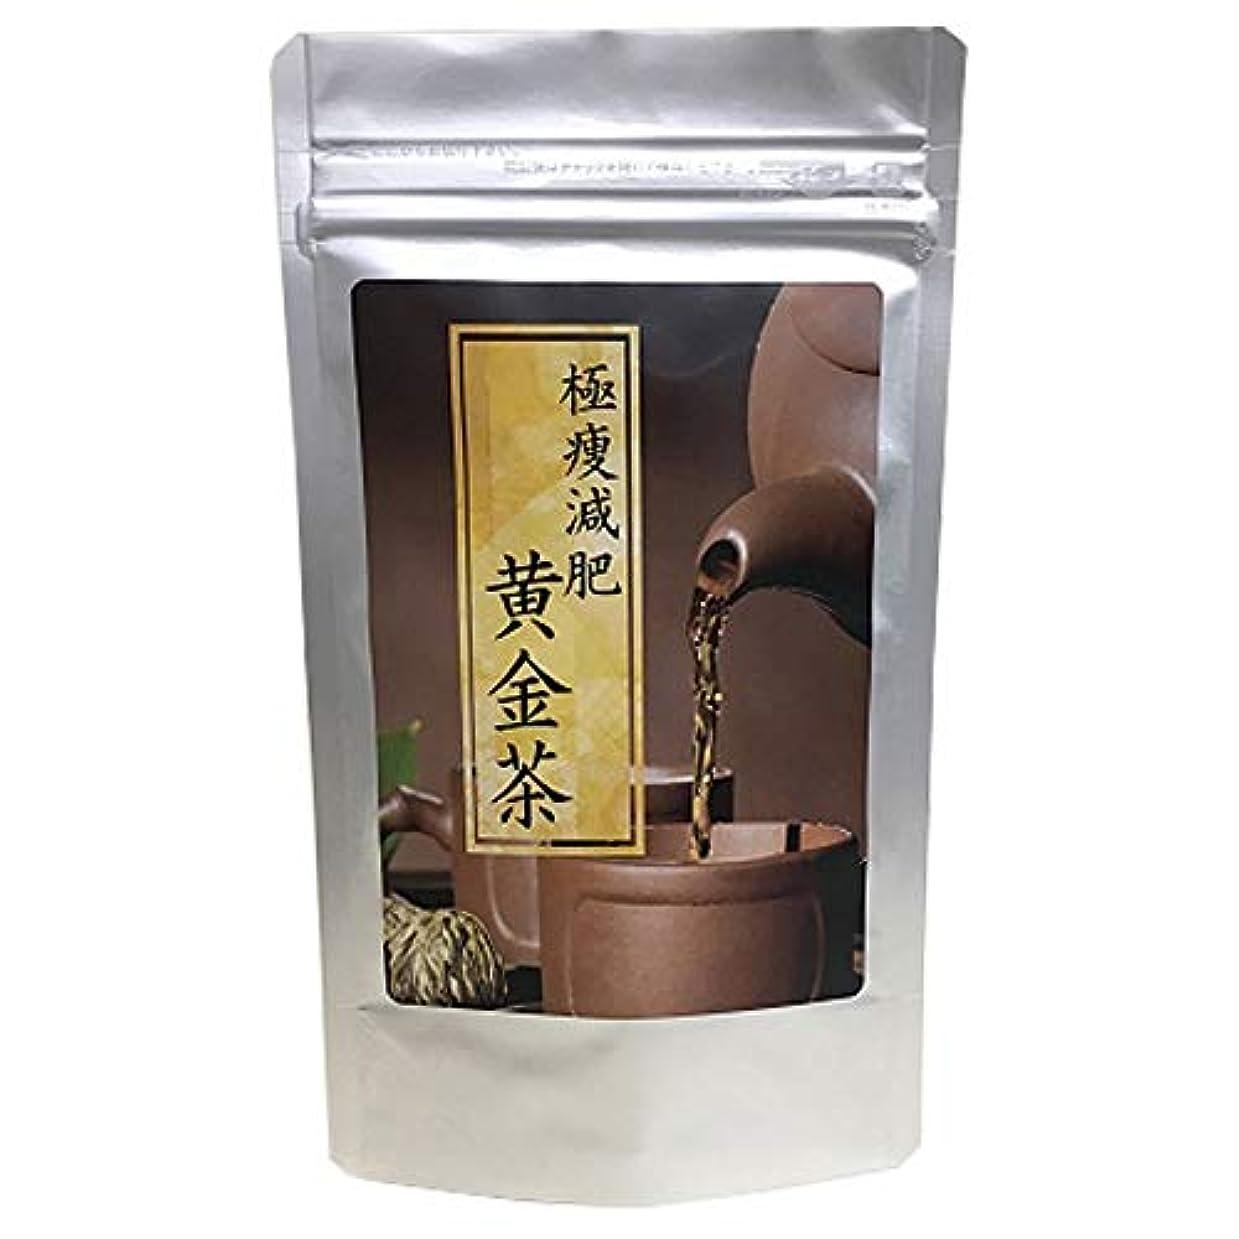 アプライアンスターミナル高音極痩減肥黄金茶